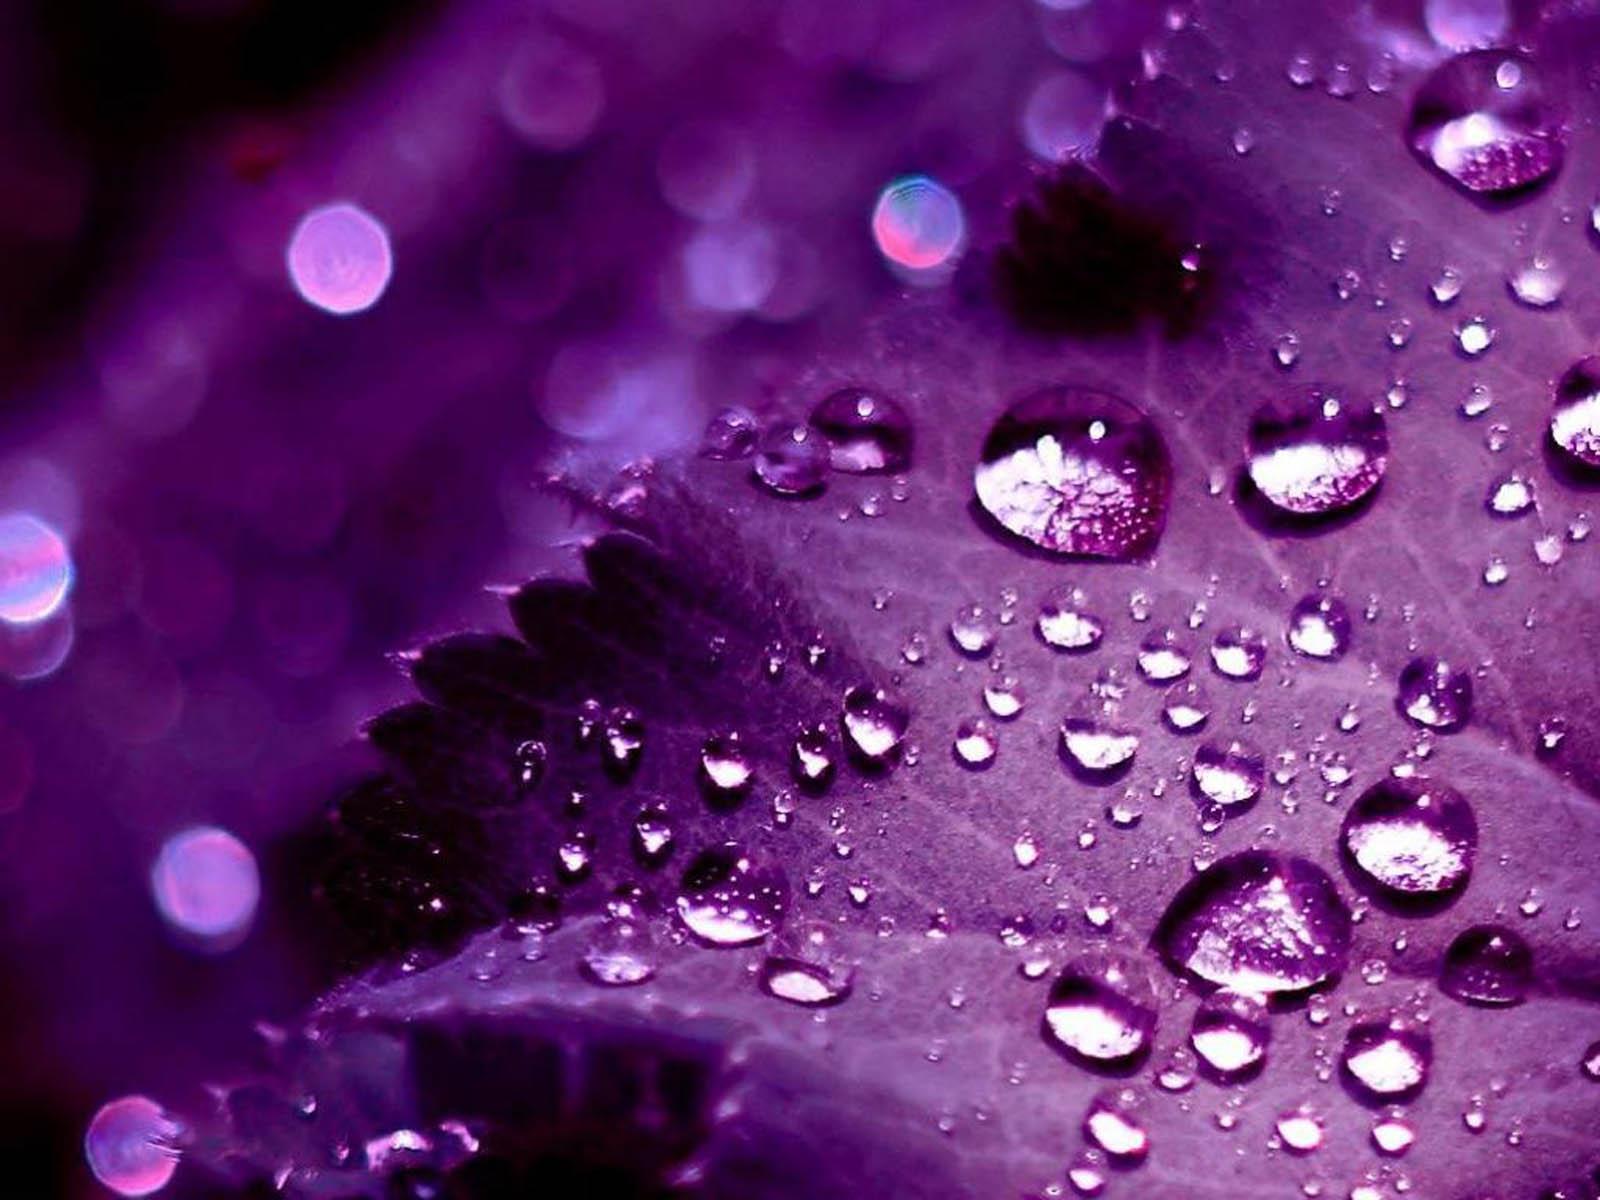 Pretty Purple Desktop Backgrounds wallpaper wallpaper hd 1600x1200